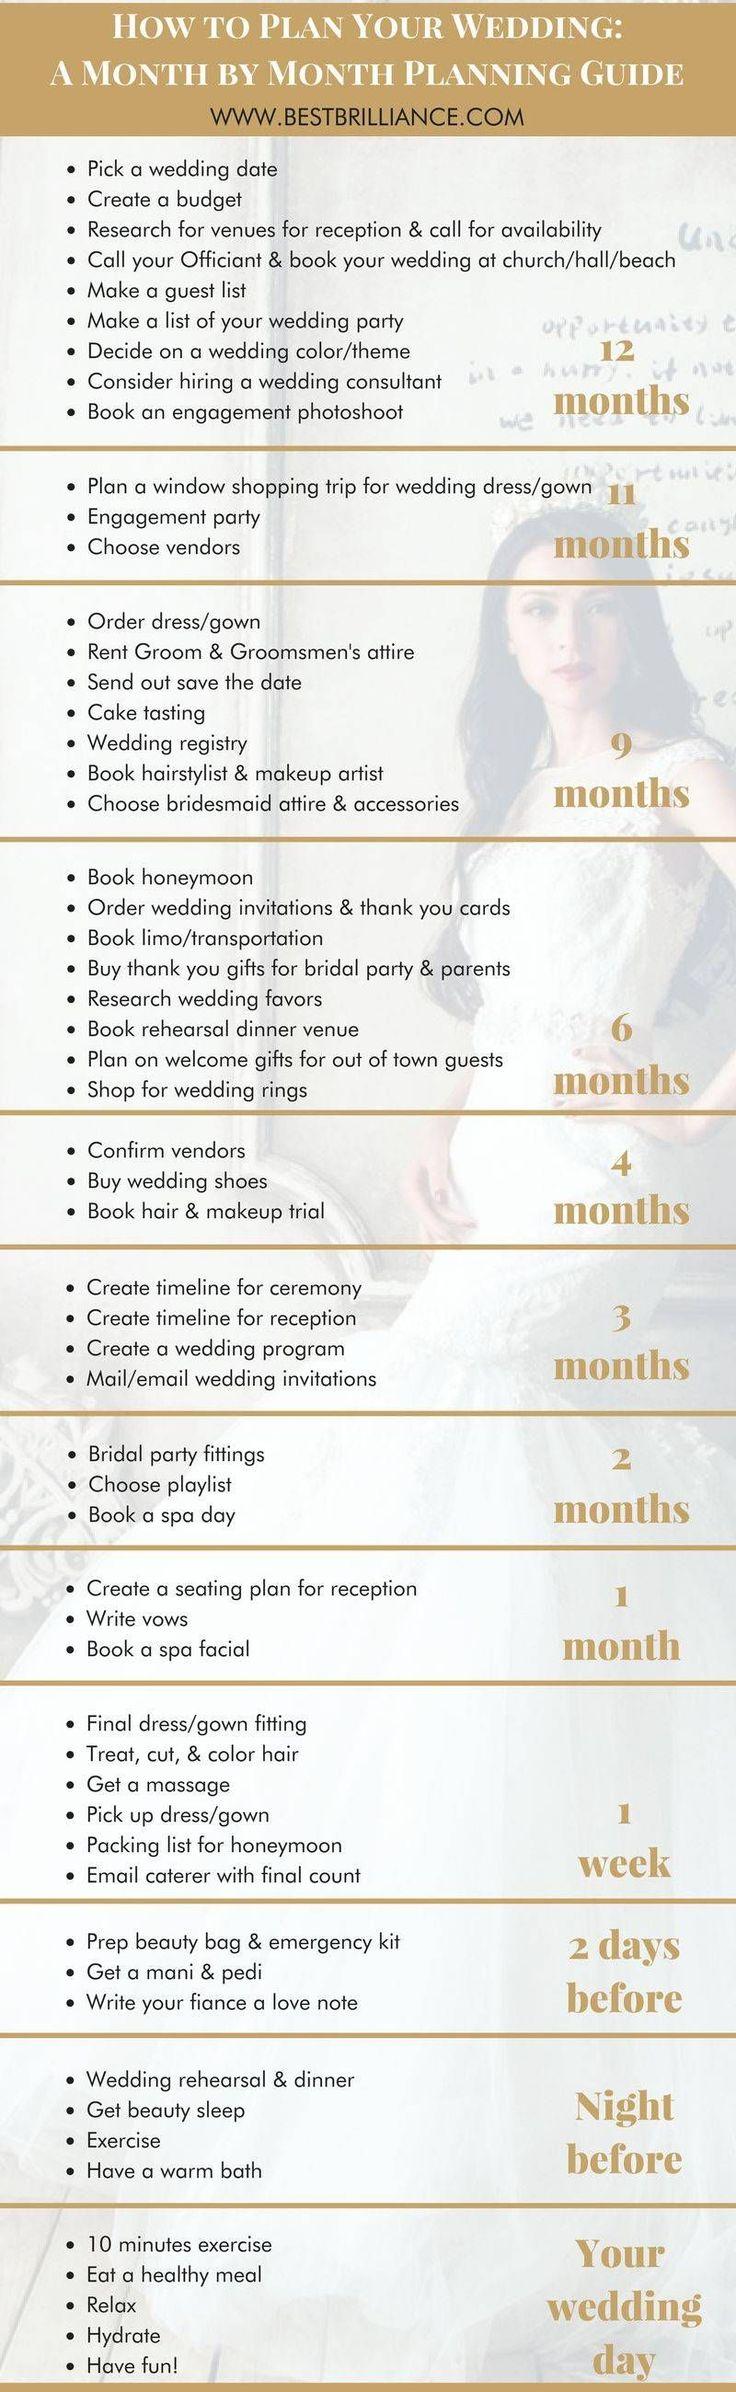 25+ Best Party Planning Checklist Ideas On Pinterest